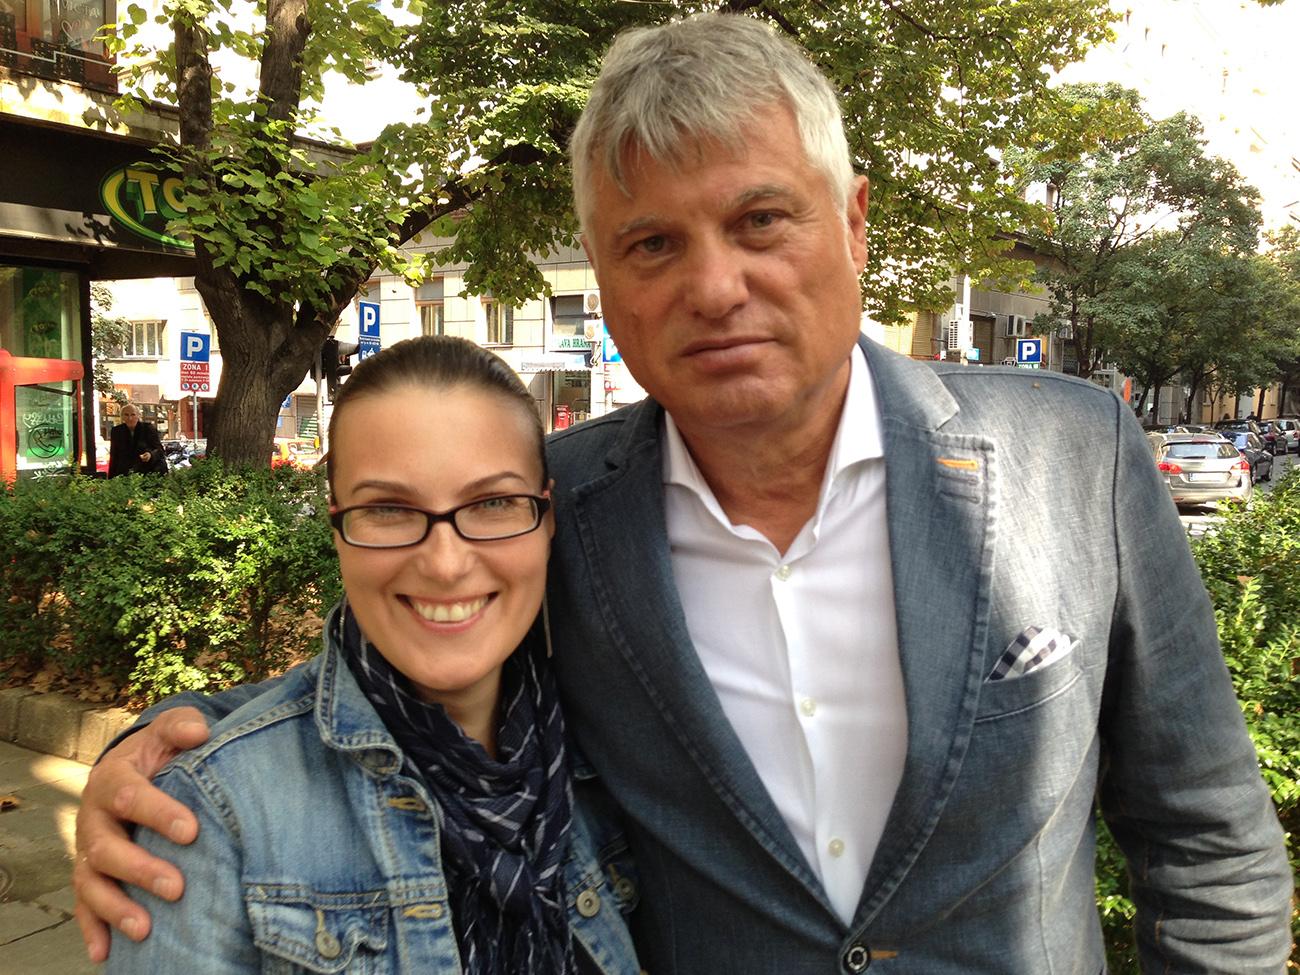 Мирослав Лазански и Катарина Лане / Фото: К. Лане